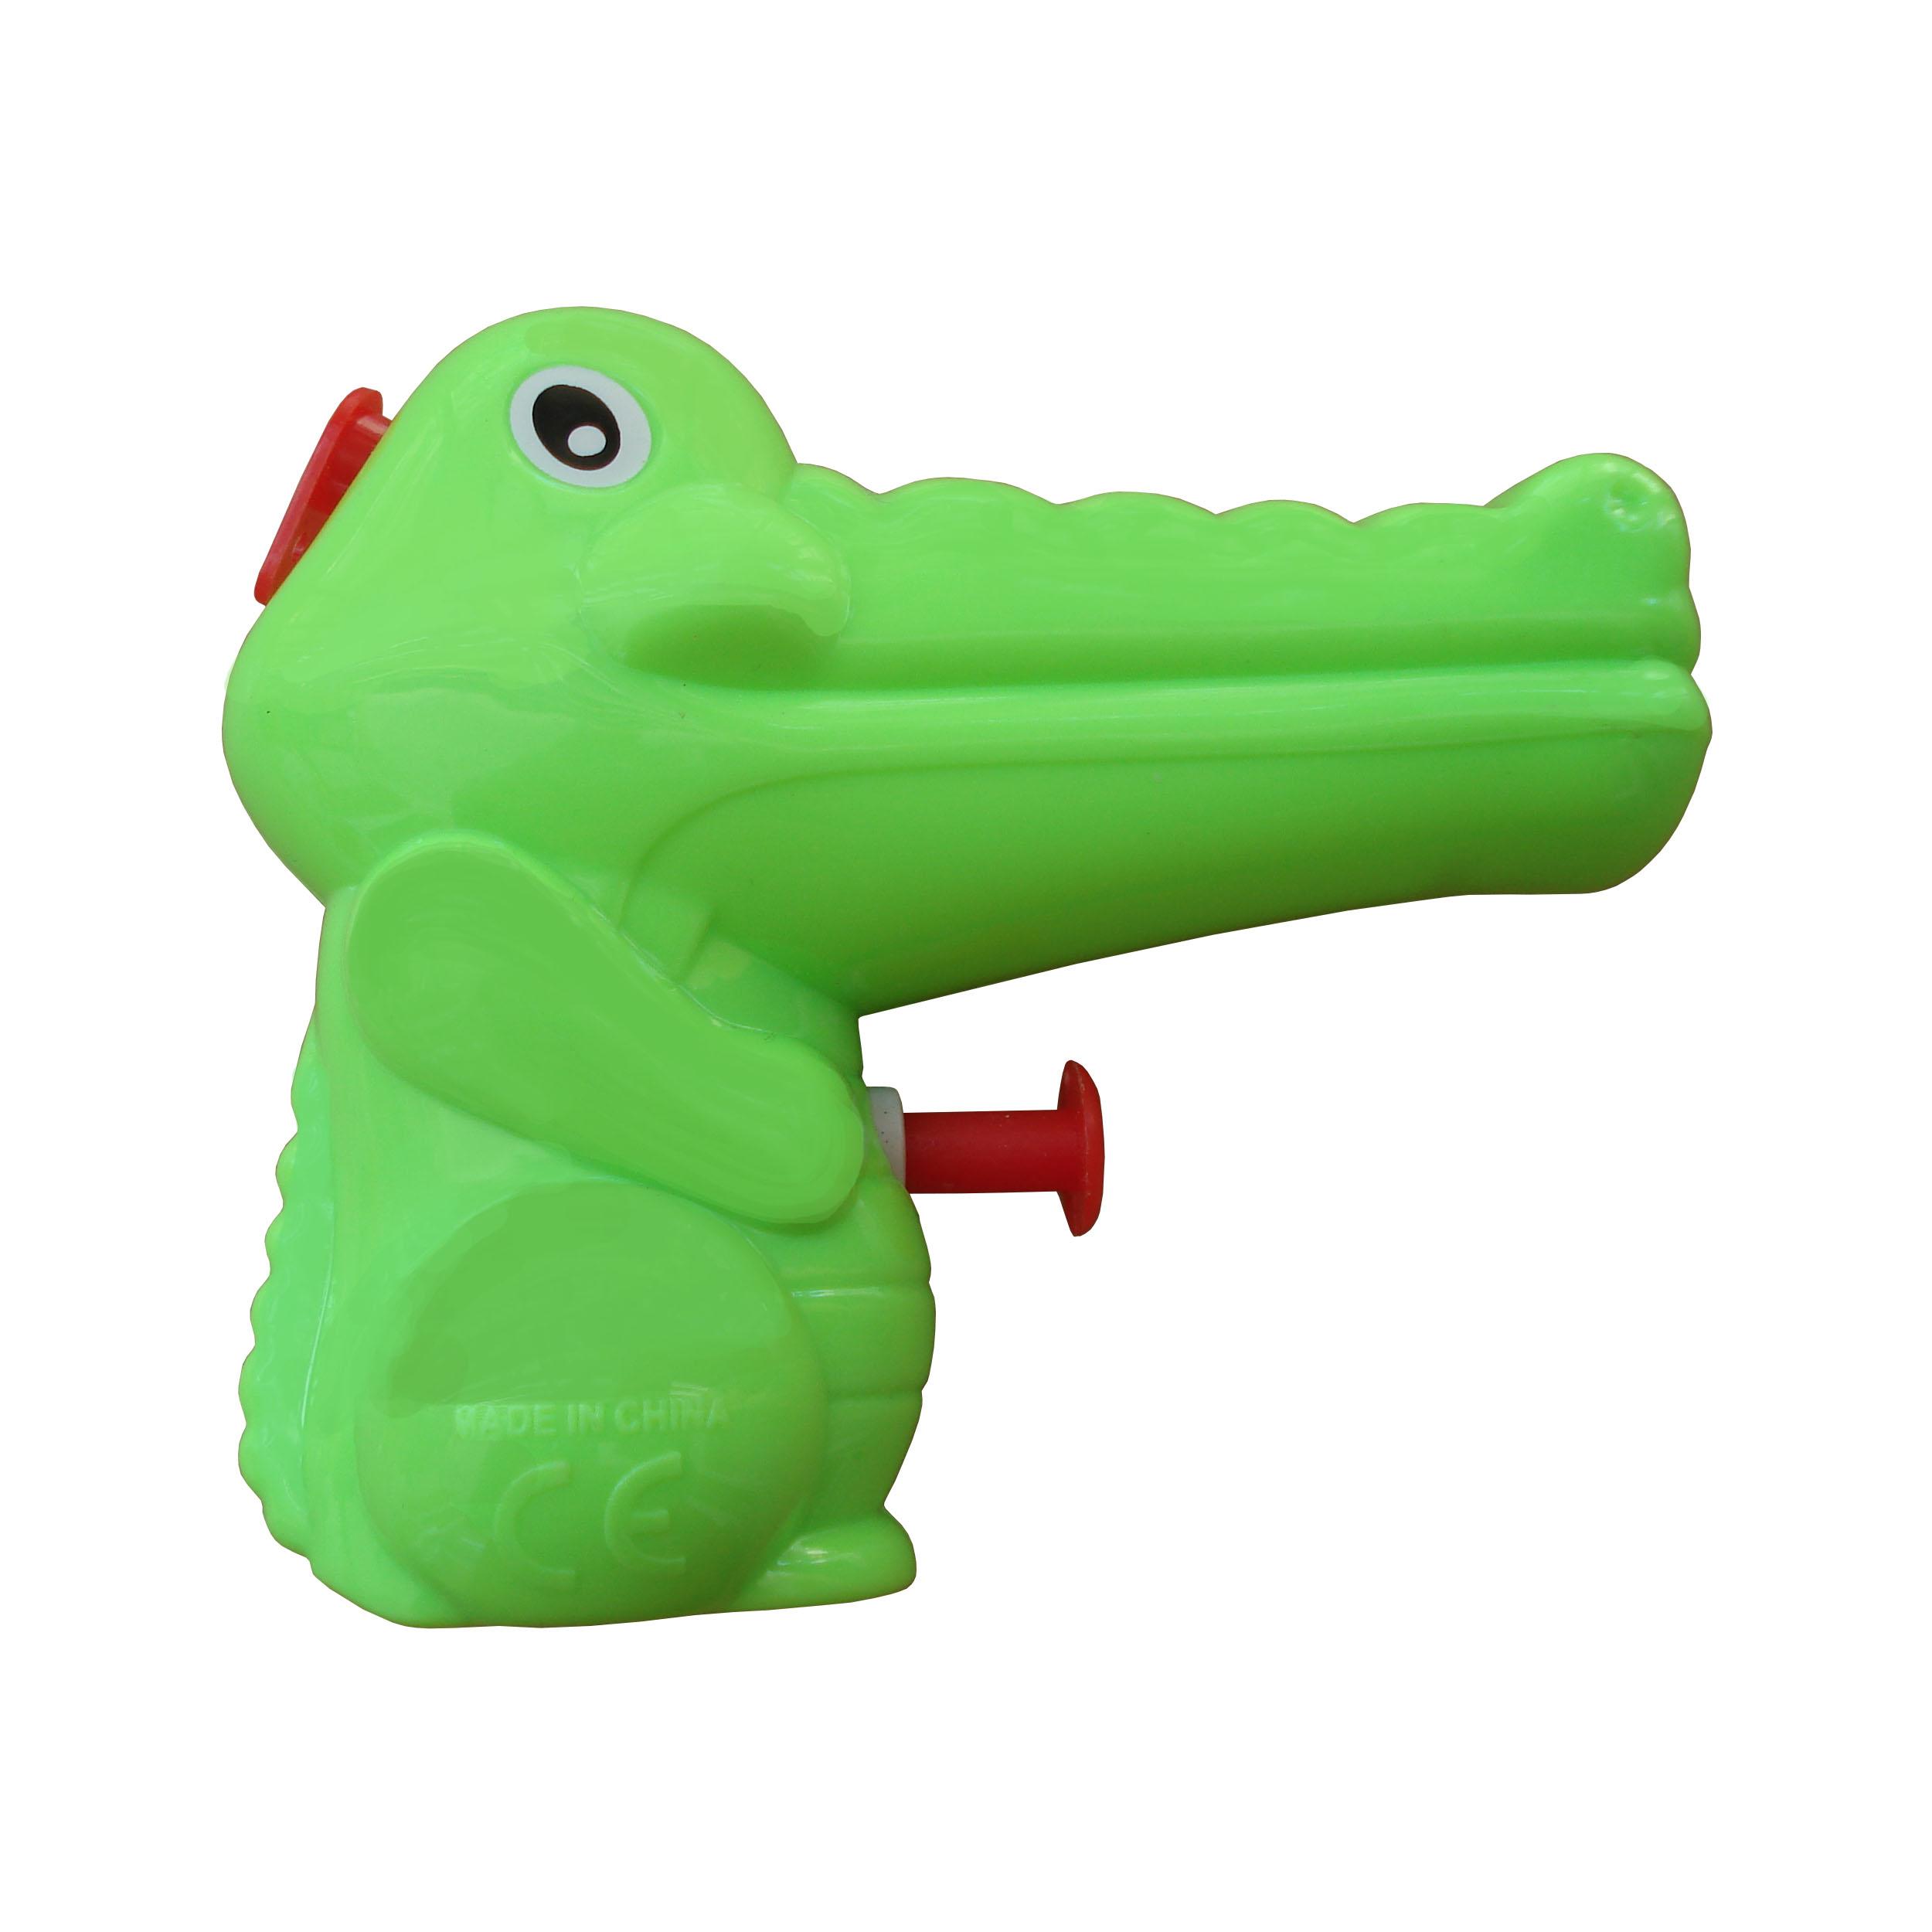 تفنگ آب پاش  مدل crocodile کد TC-012